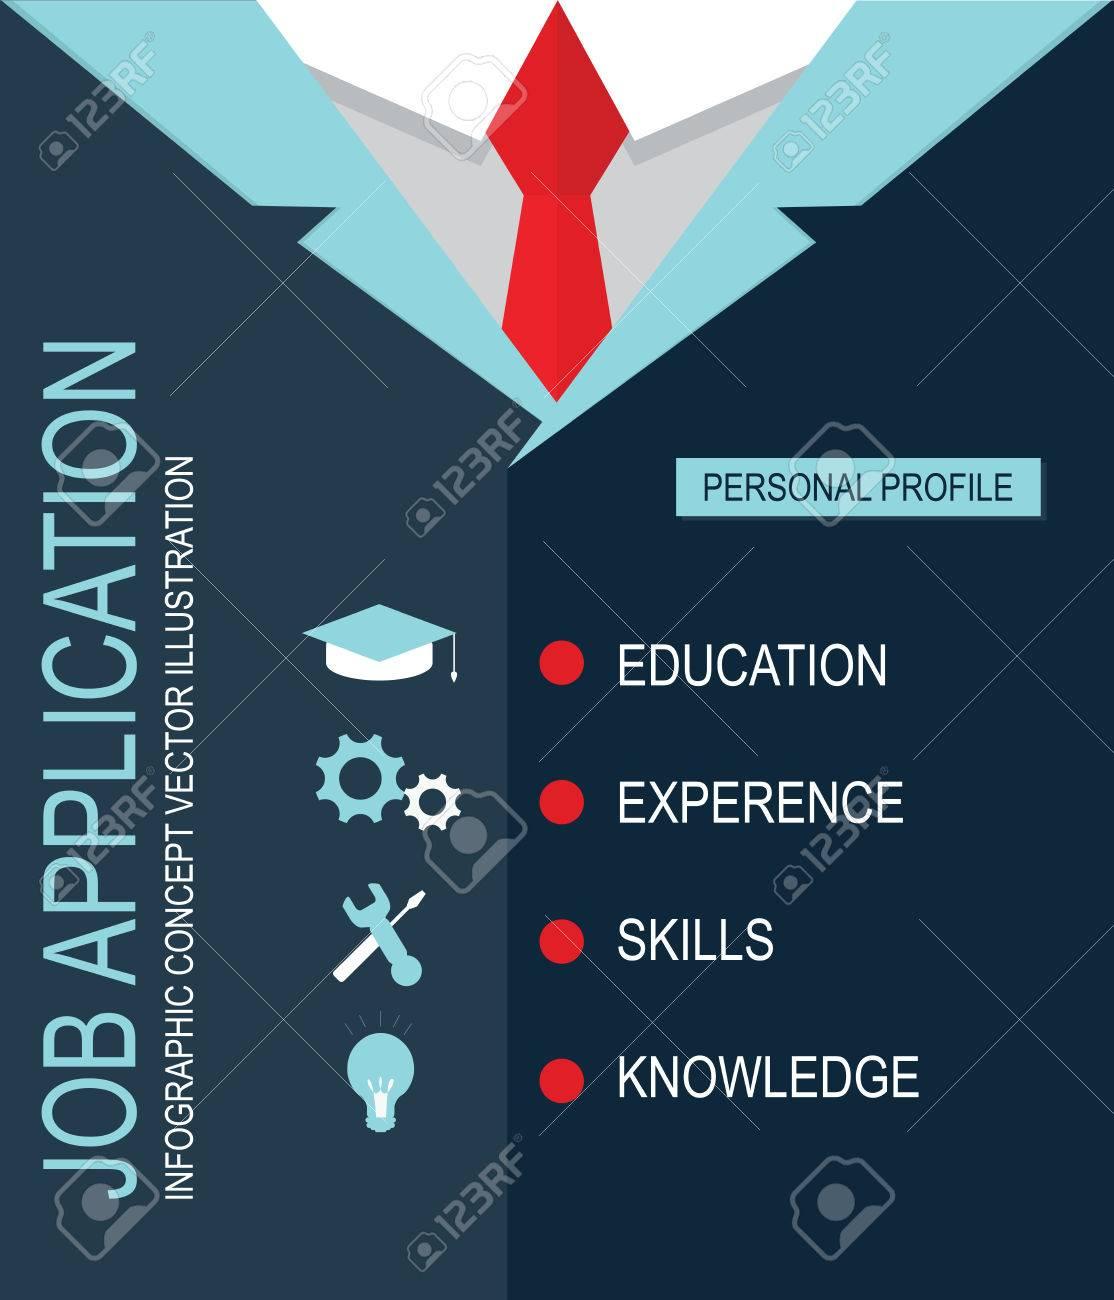 Bewerbung, Lebenslauf Persönliches Profil Bildung, Wissen, Erfahrung ...